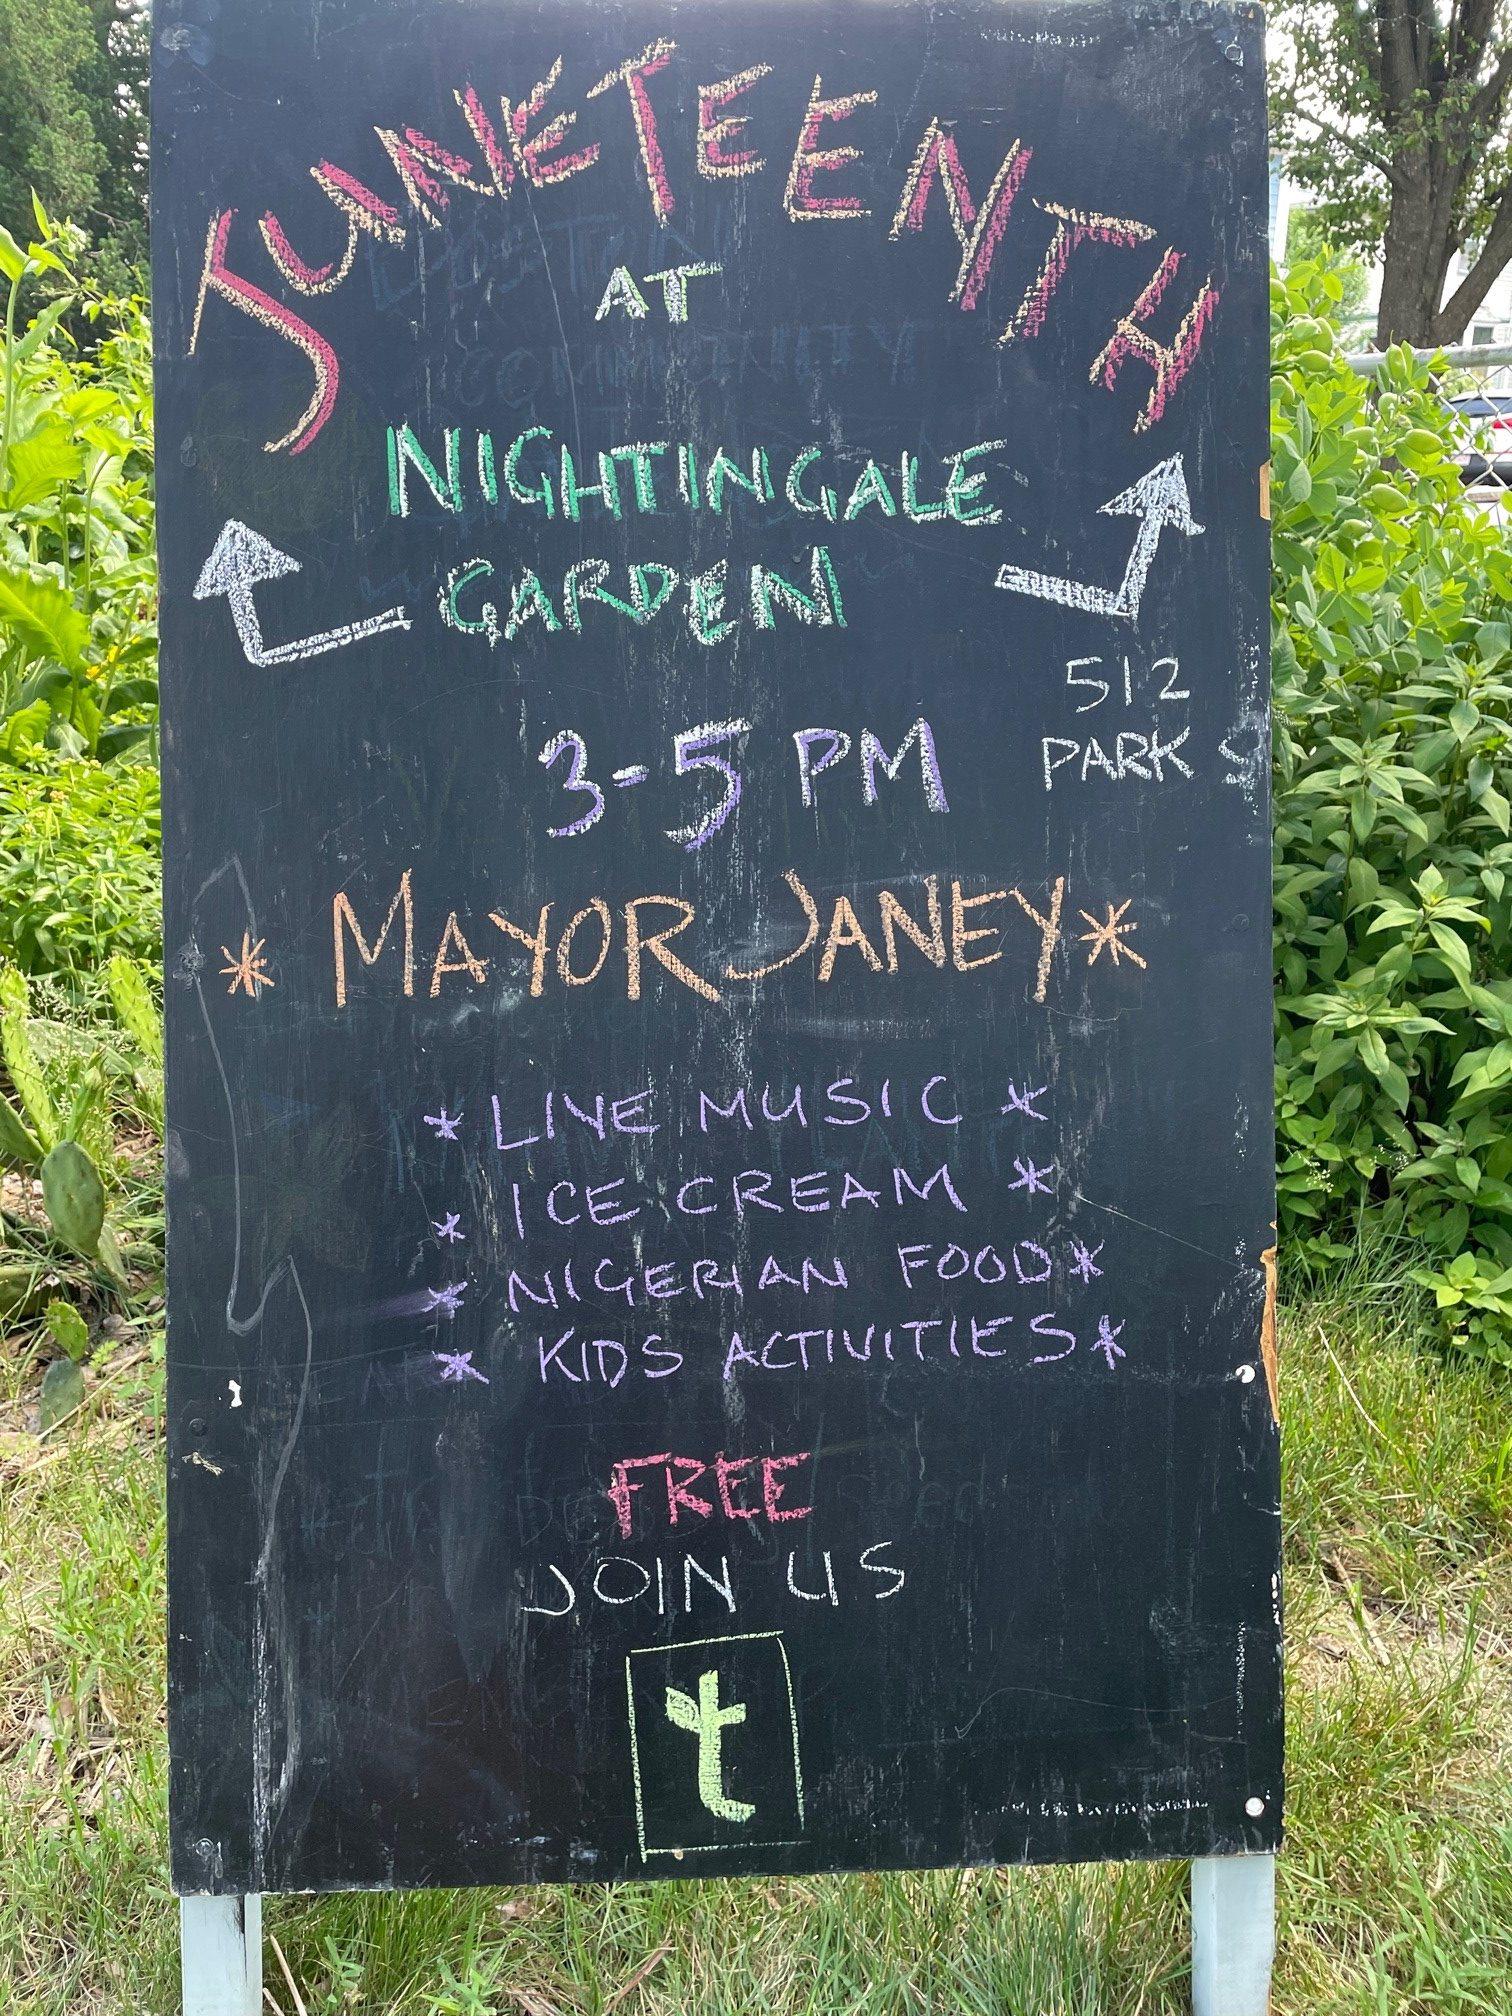 Chalkboard at Nightingale